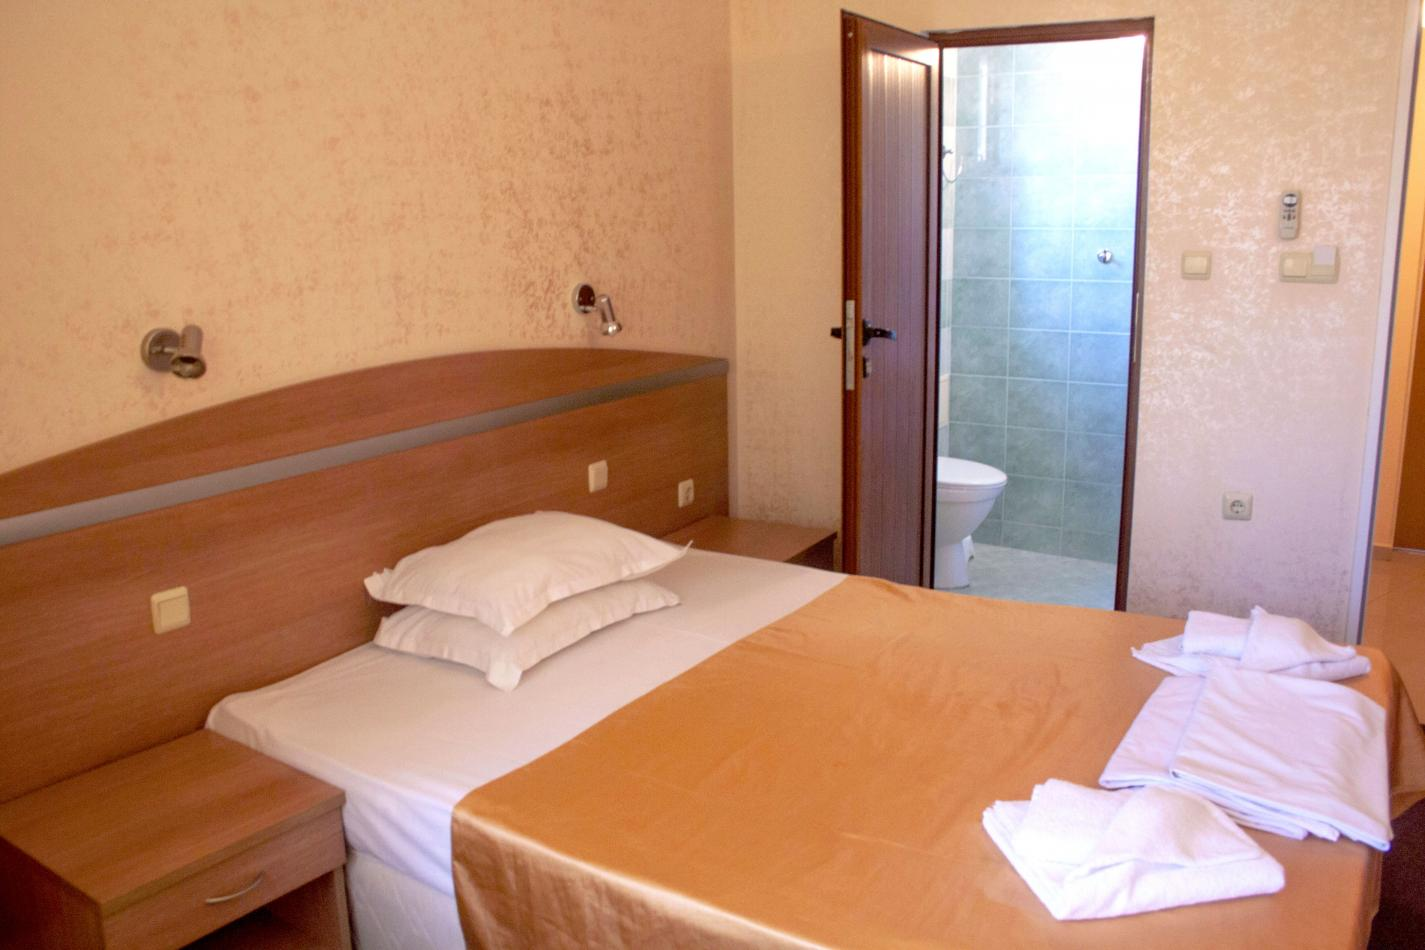 Hotel Zeus Single Bed Room